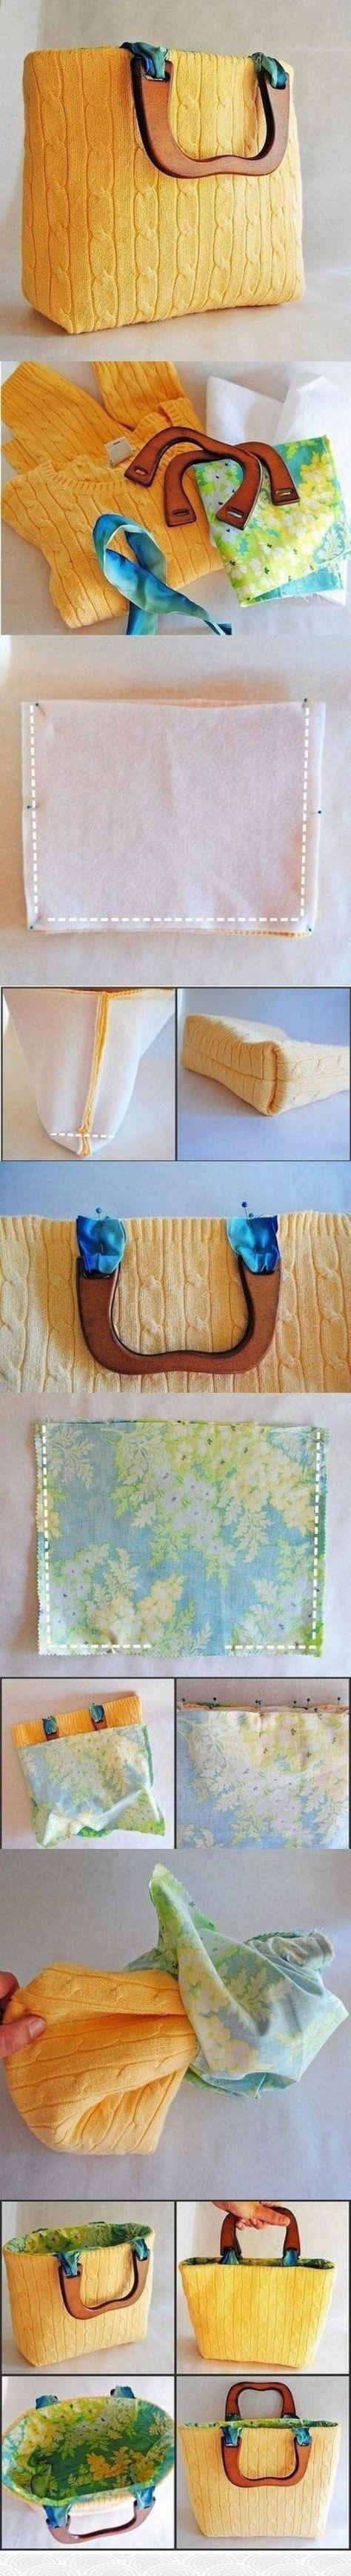 Leuk om zelf te maken | van oude trui naar nieuwe tas Door Harni